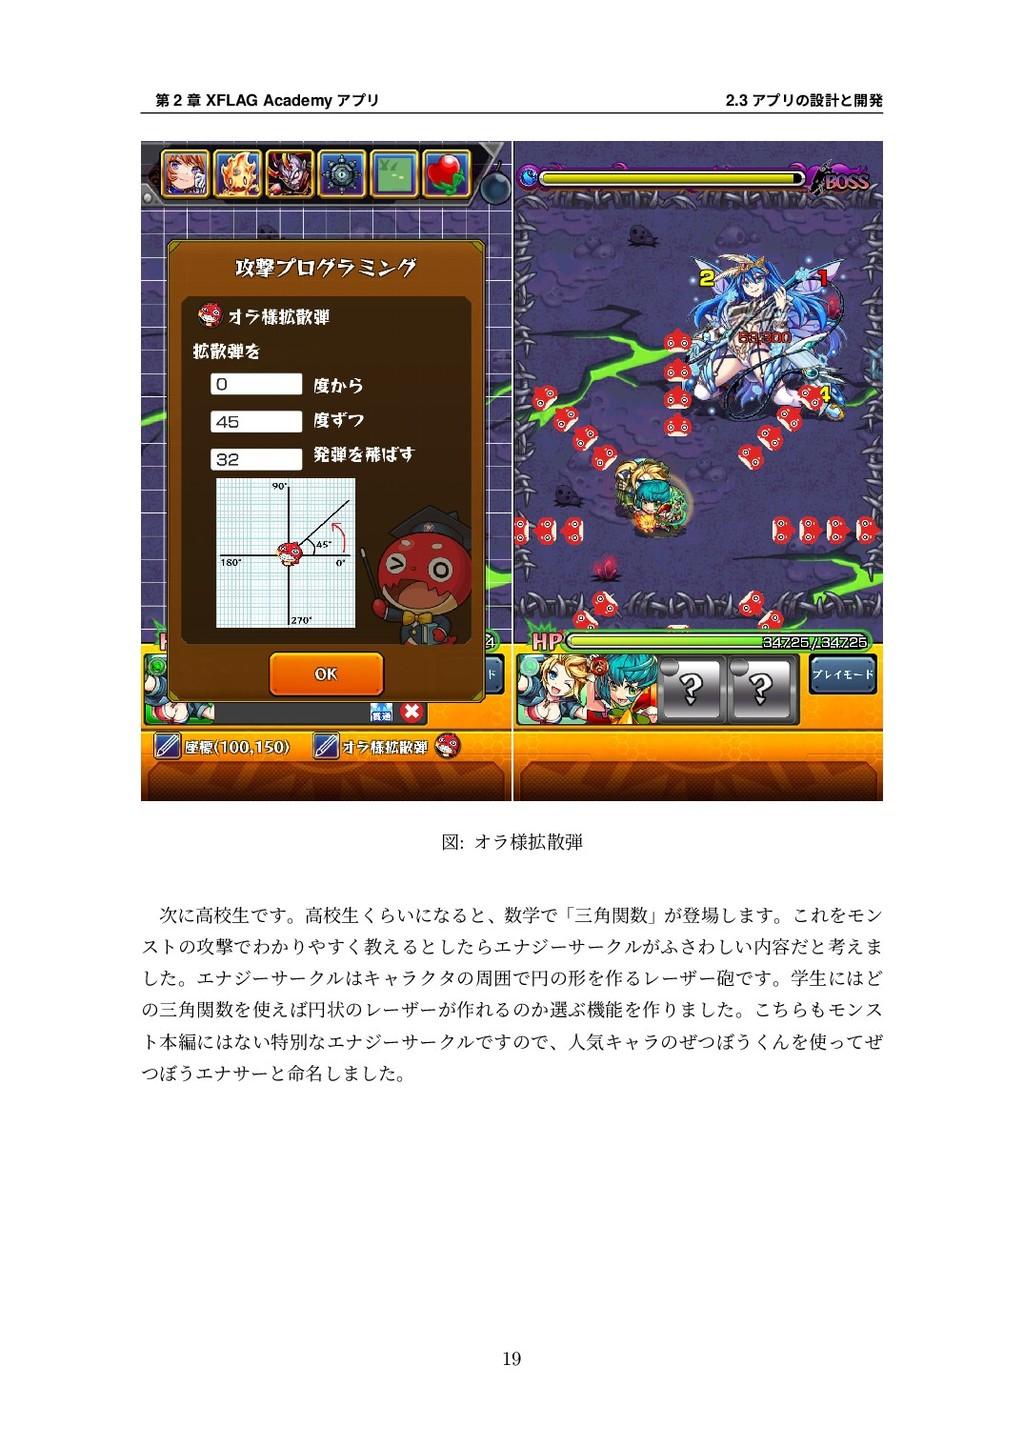 第 2 章 XFLAG Academy アプリ 2.3 アプリの設計と開発 図: オラ様拡散弾...